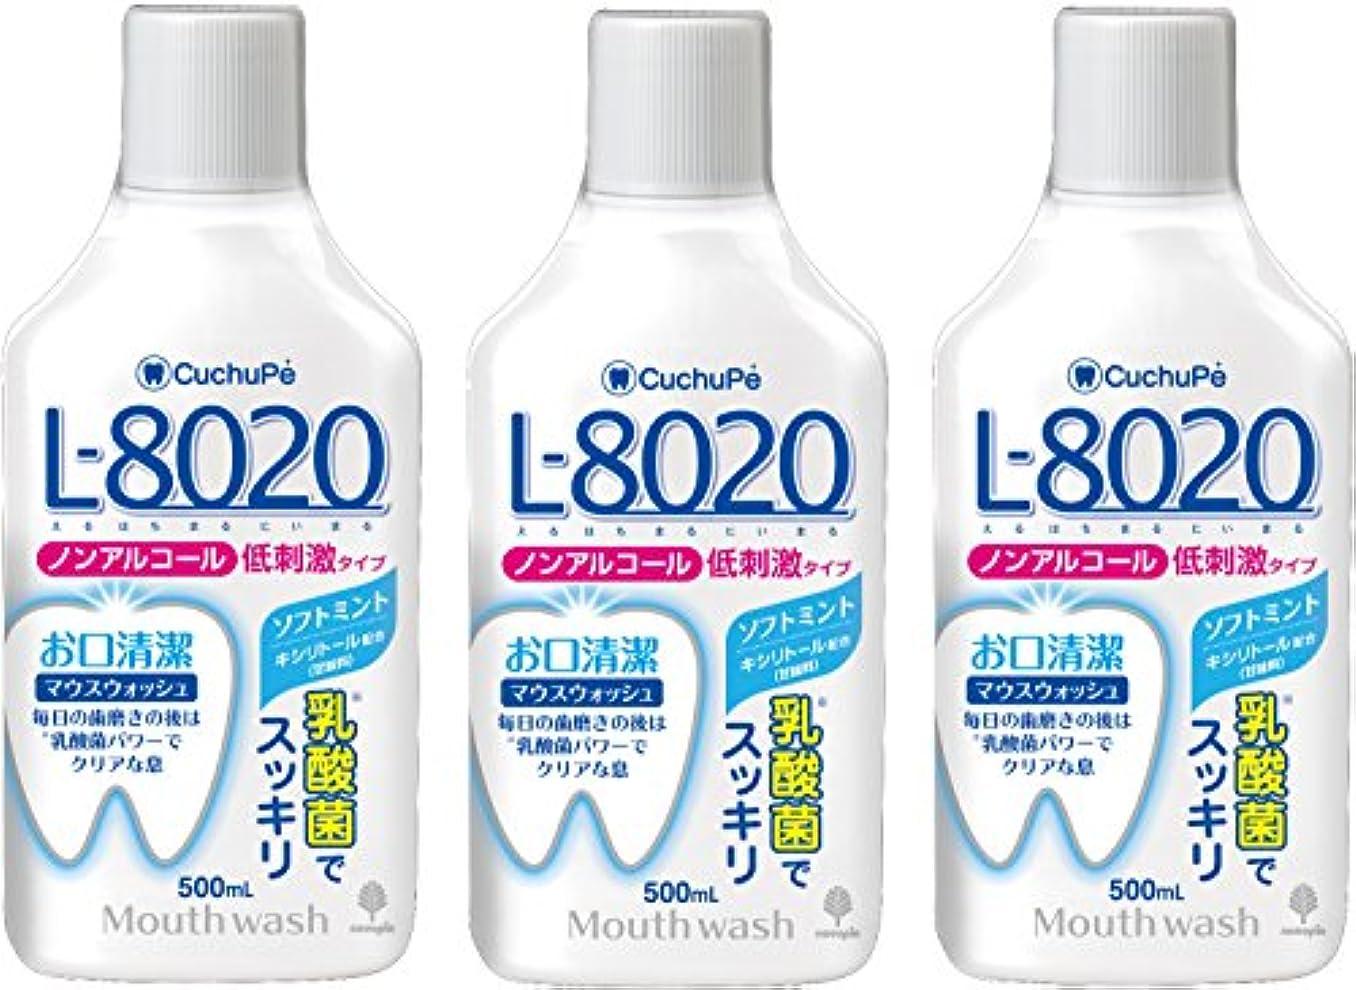 植物のまたねビルダー紀陽除虫菊 マウスウォッシュ クチュッペ L-8020 ノンアルコール ソフトミント 500ml 3個セット